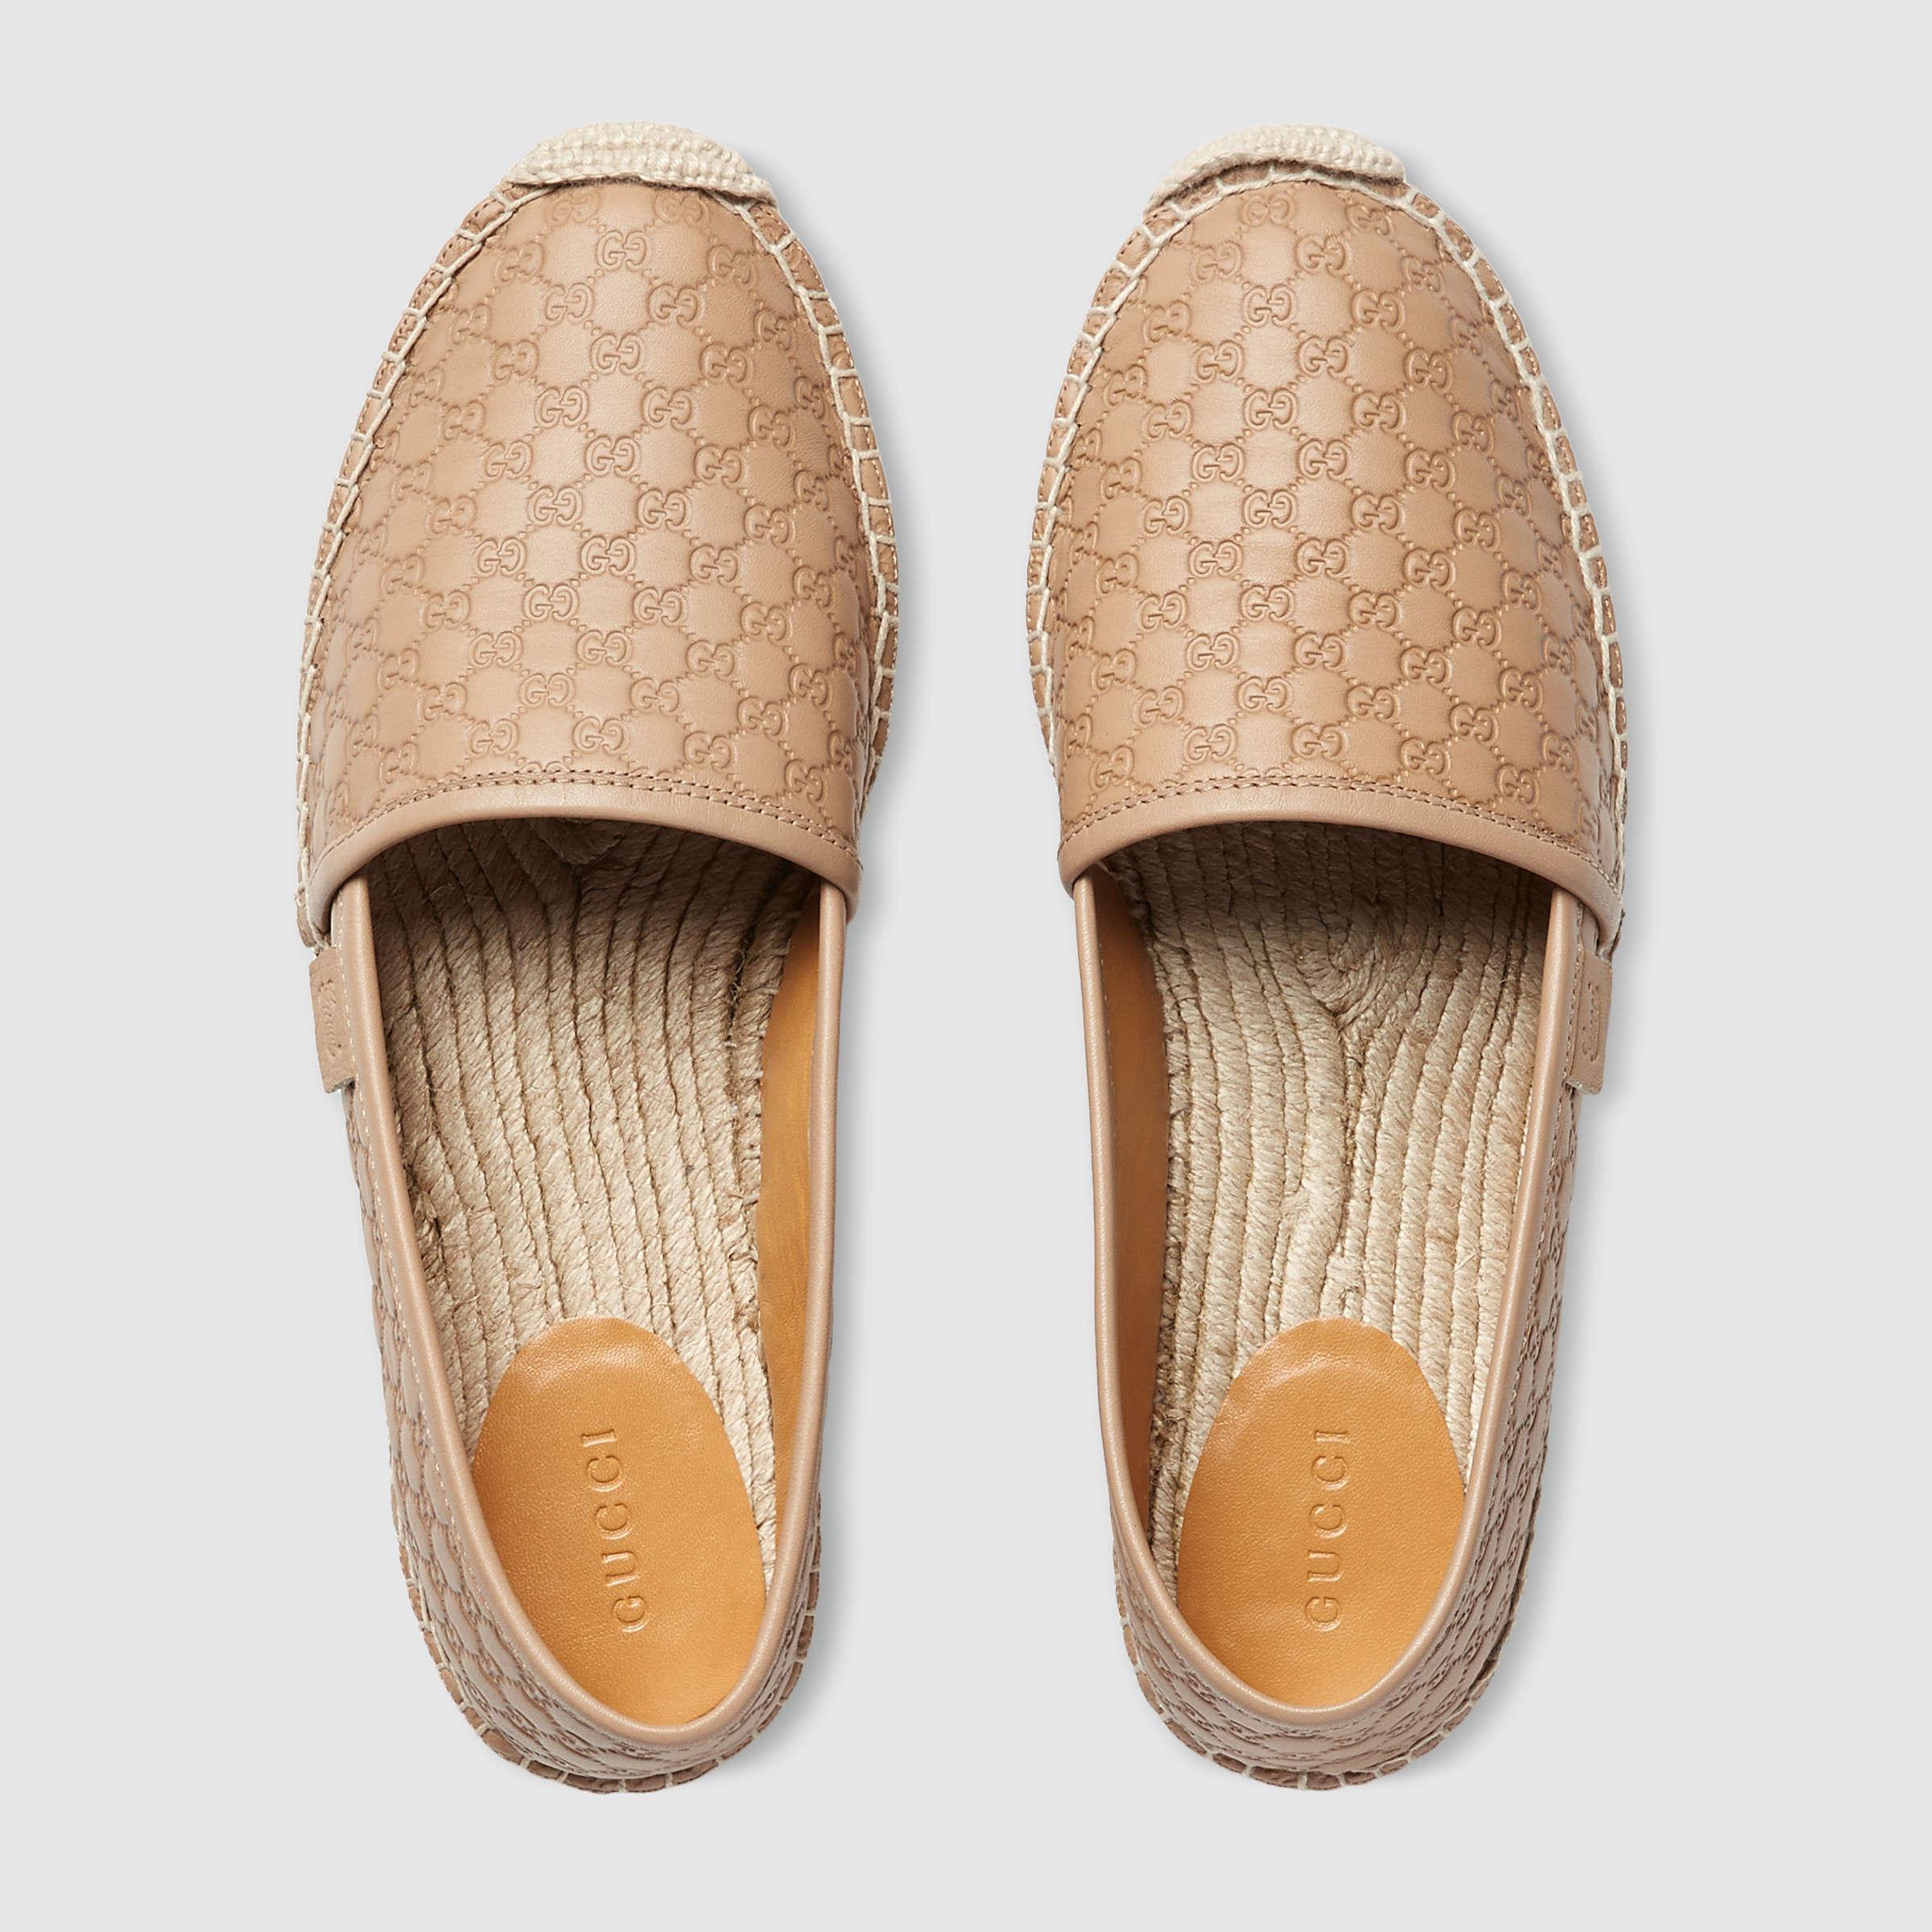 757e81e000d8 Lyst - Gucci Microssima Leather Espadrilles in Natural